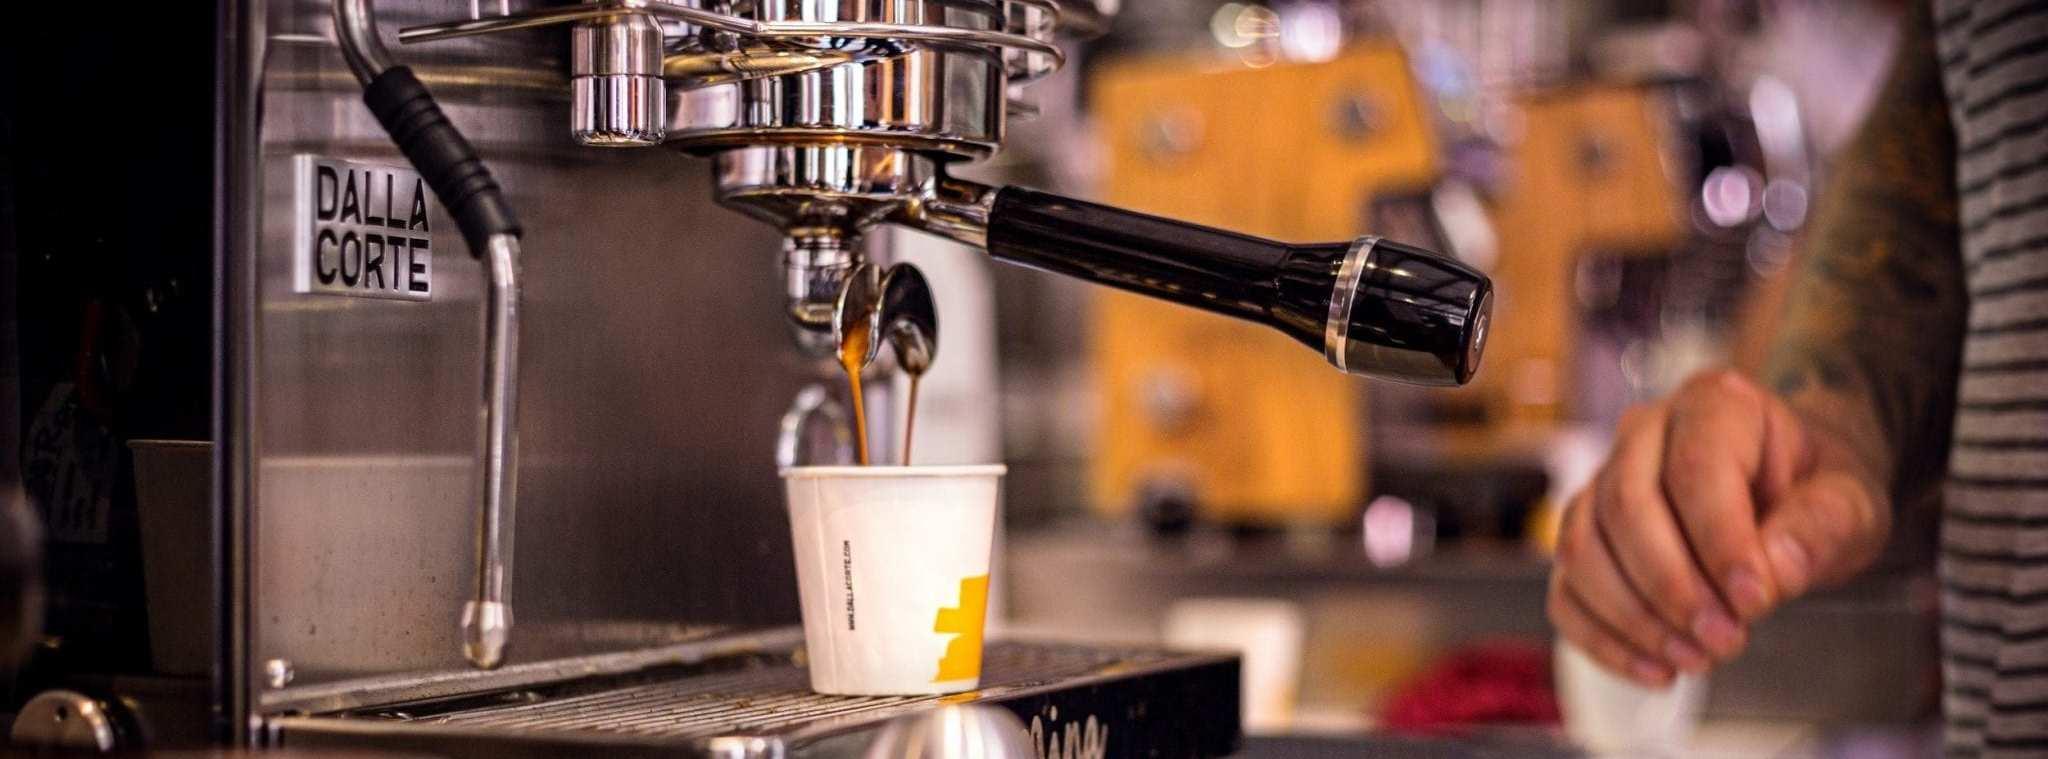 Barista making an espressoo with Dalla Corte espresso machine in a disposable cup